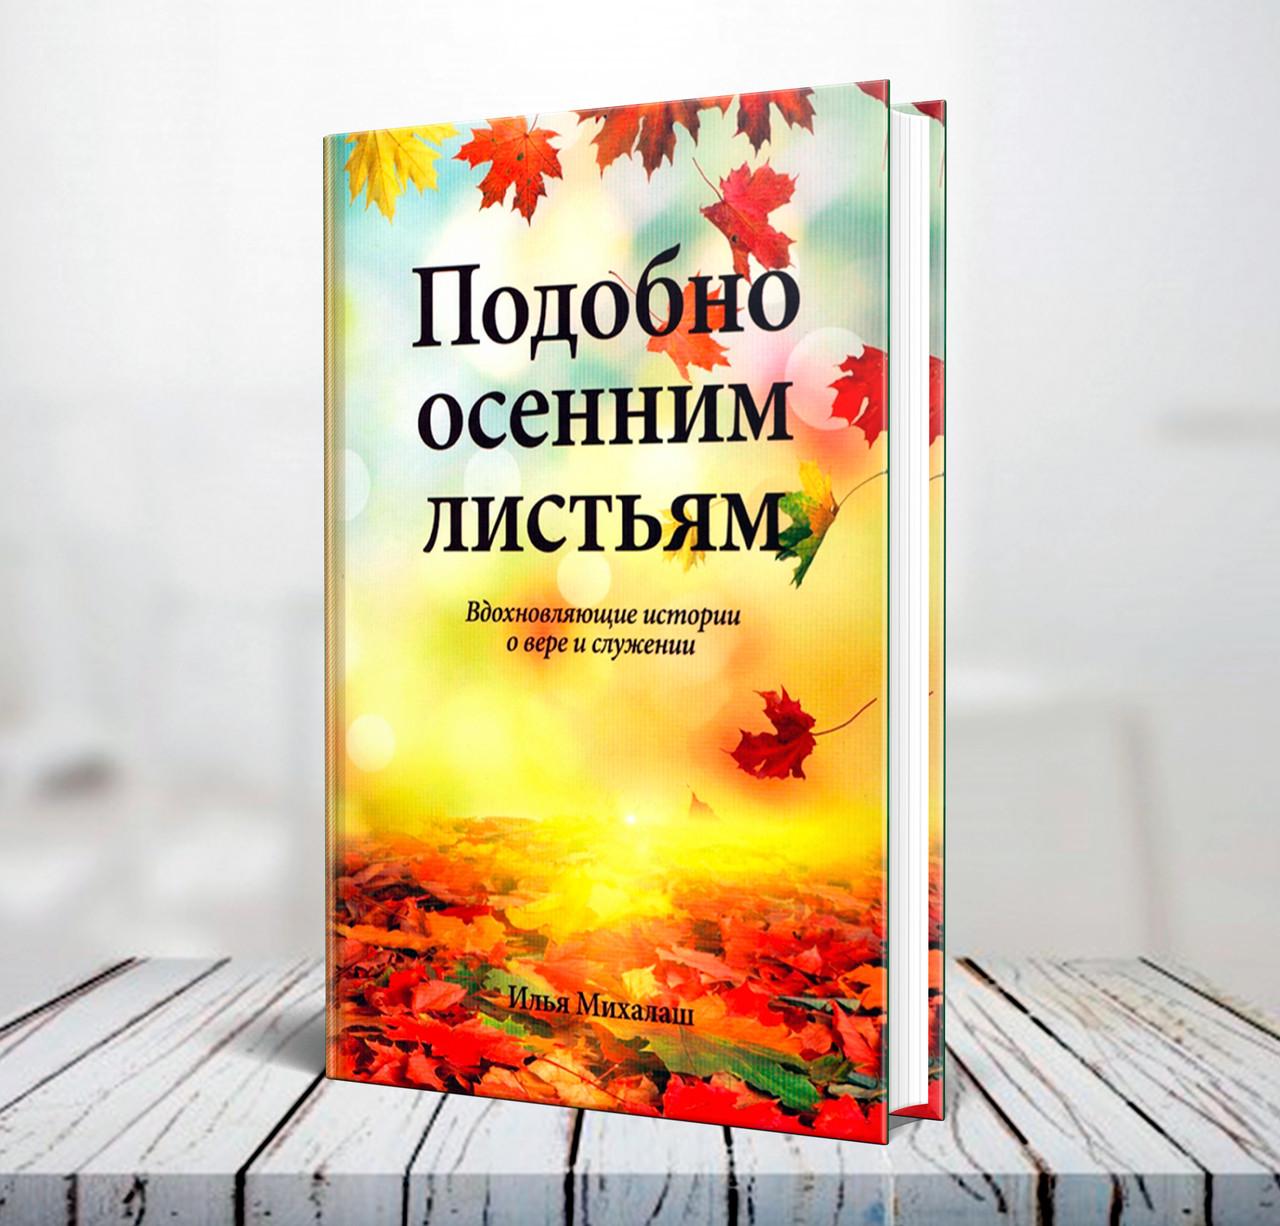 """""""Подобно осенним листьям. Вдохновляющие истории о вере и служении"""" Илья Михалаш"""